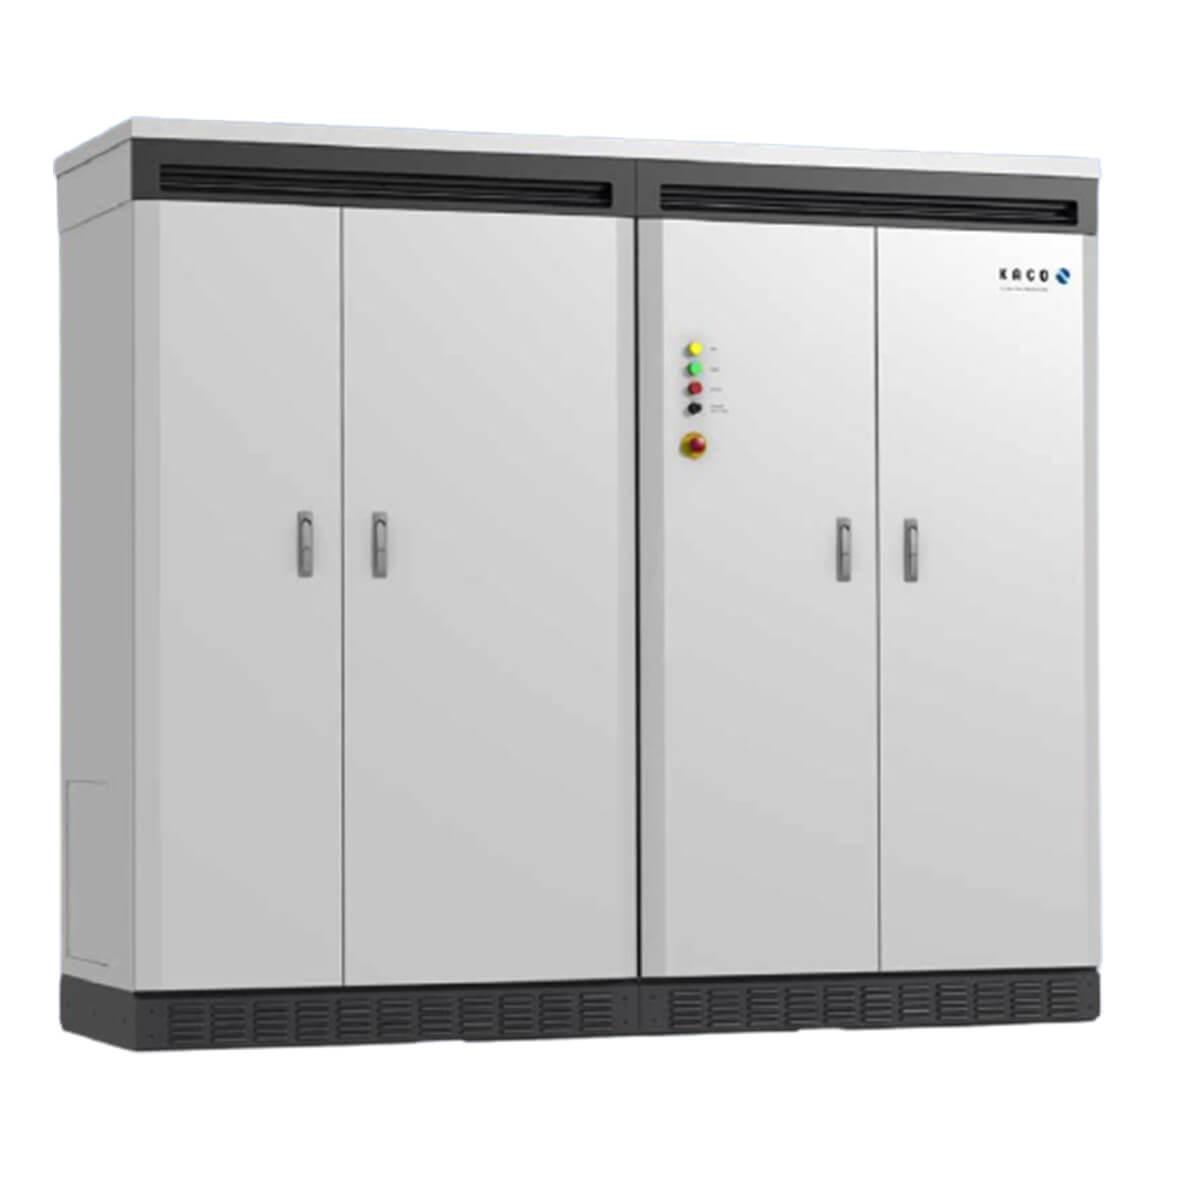 kaco 500kW inverter, kaco powador 500kW inverter, kaco powador xp500hvtl inverter, kaco powador xp500hvtl, kaco powador 500 kW, KACO 500 KW